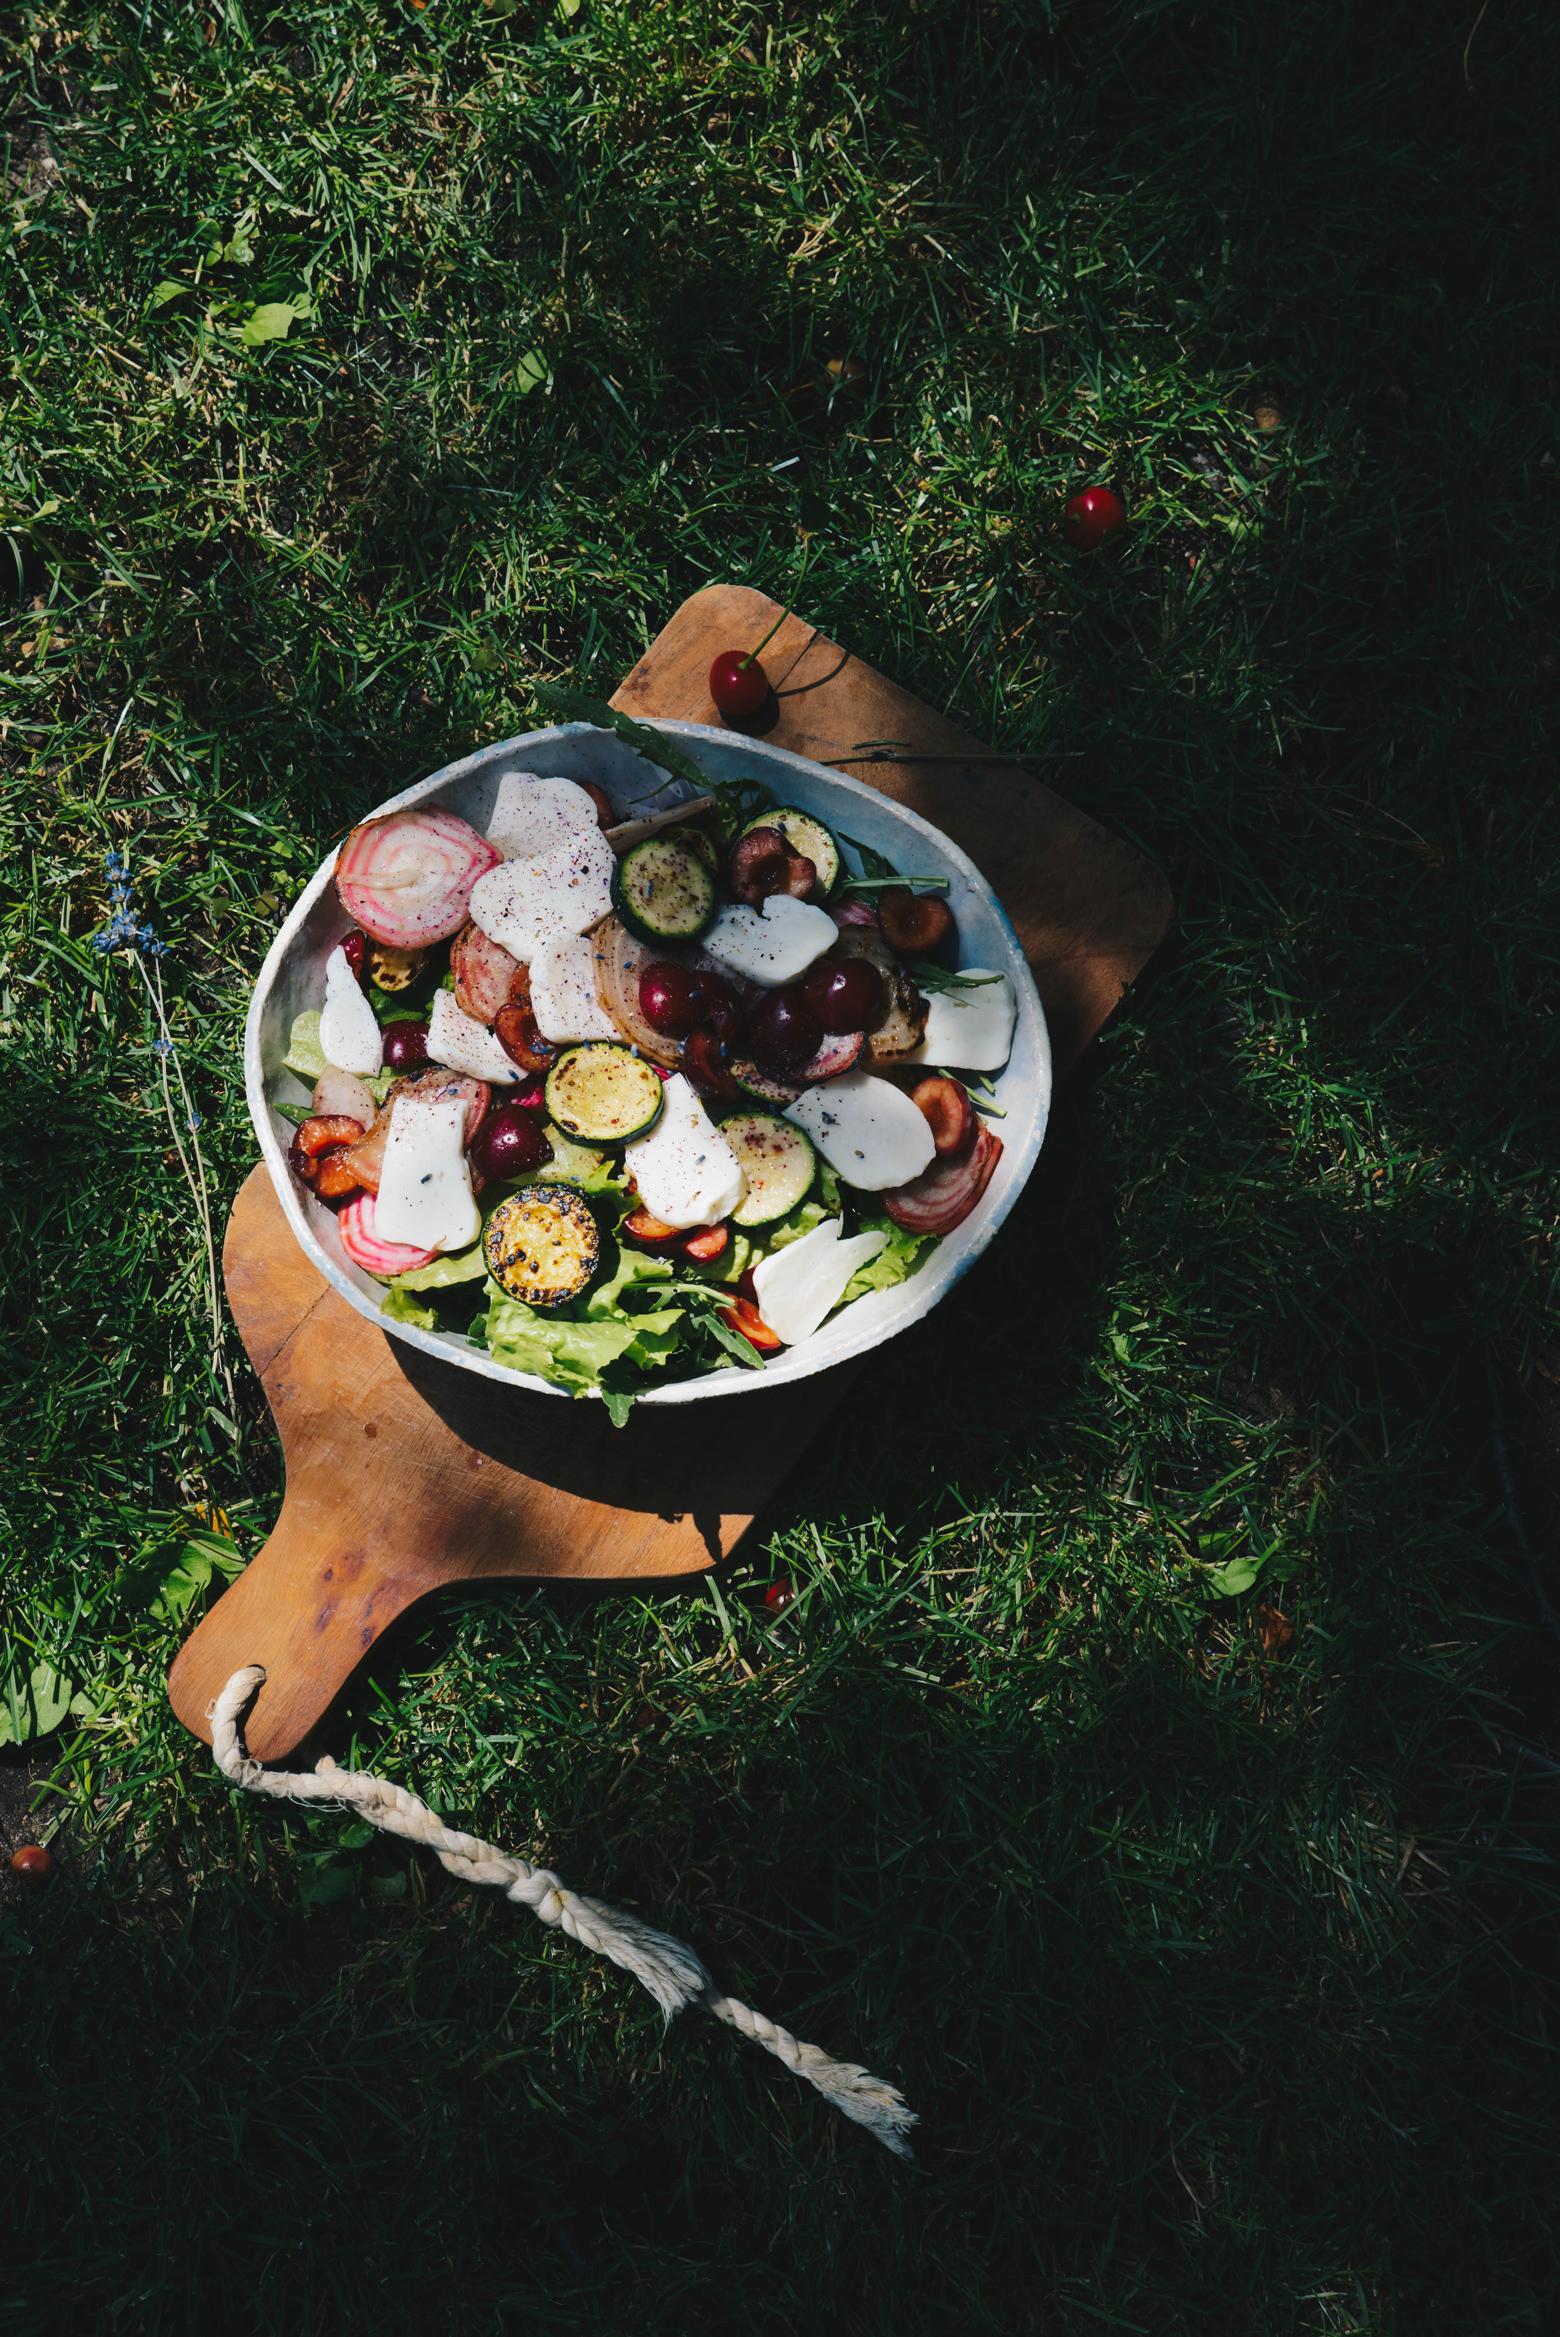 kirschensalat)